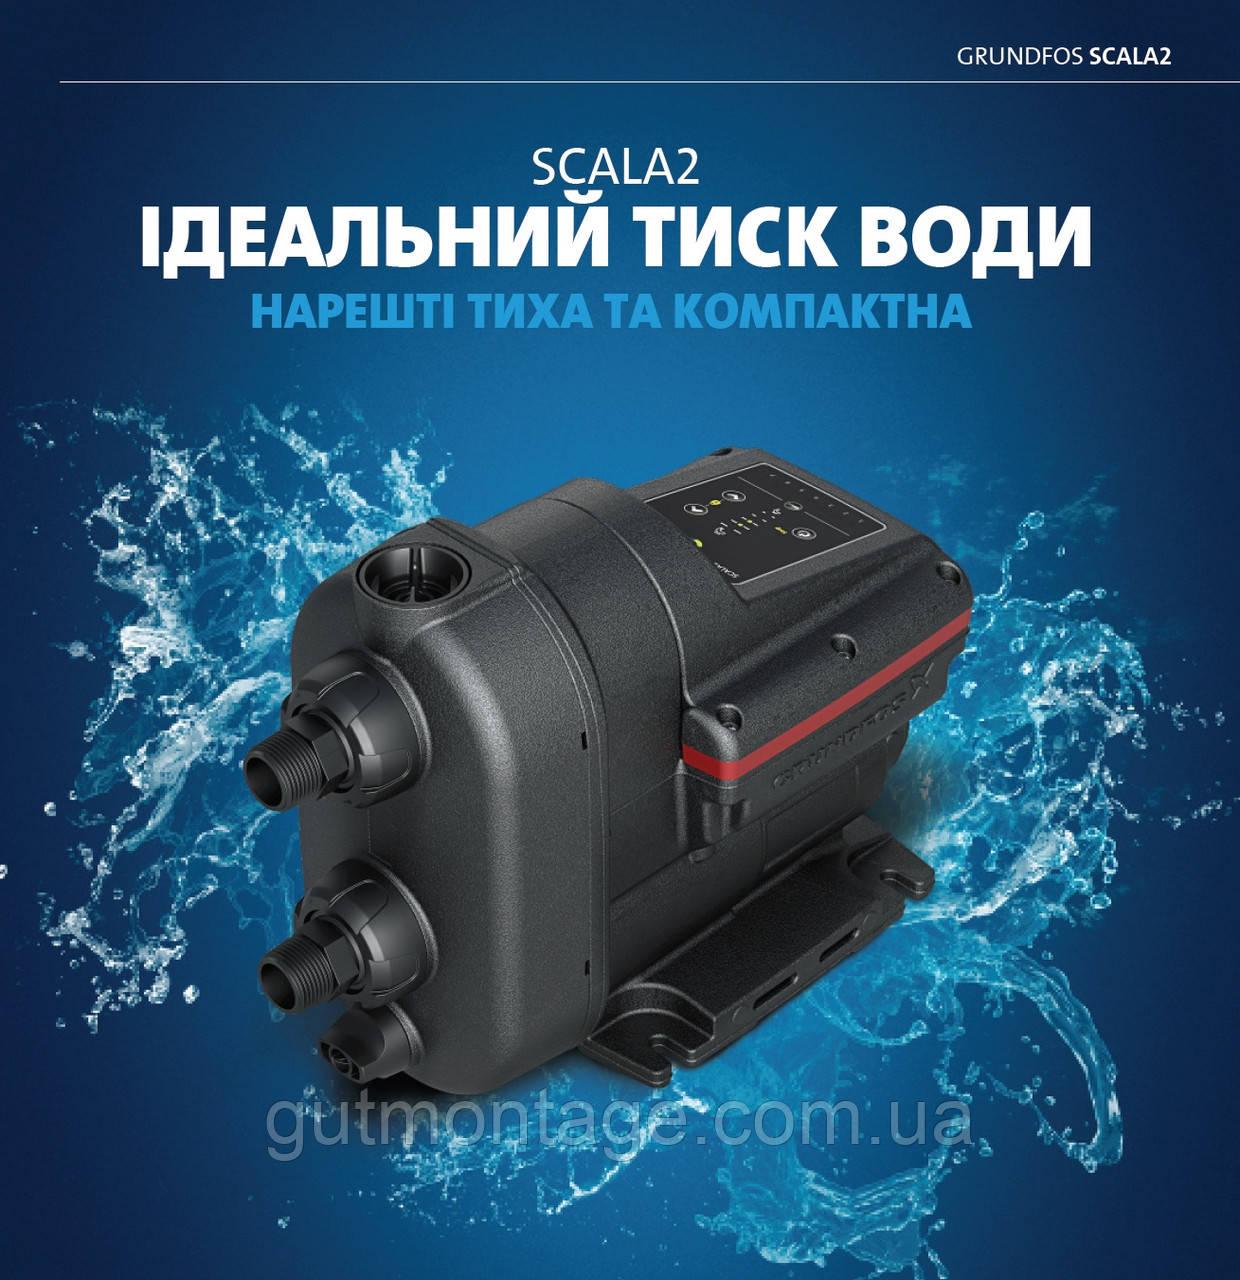 NSV 700л. + SCALA 2. Емкость и гидрофор по спец. цене!, фото 1